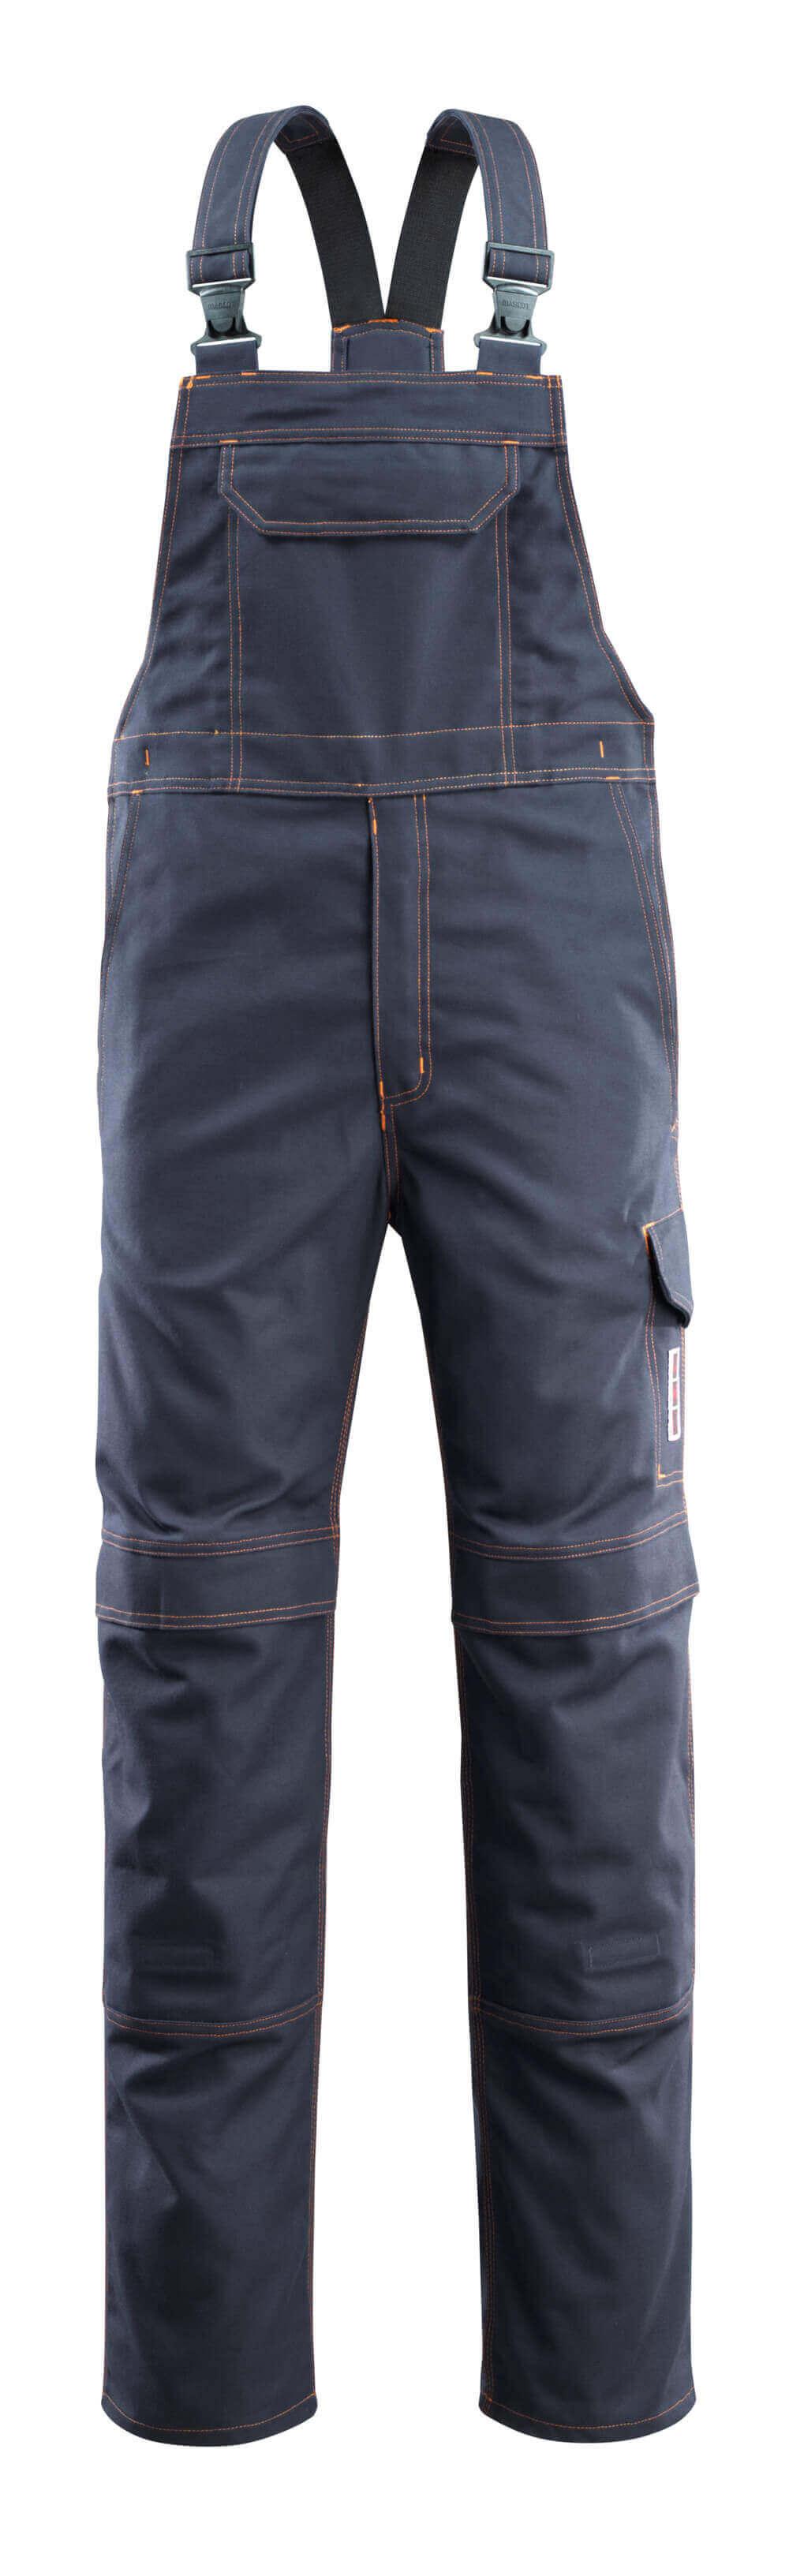 06669-135-010 Salopette avec poches genouillères - Marine foncé